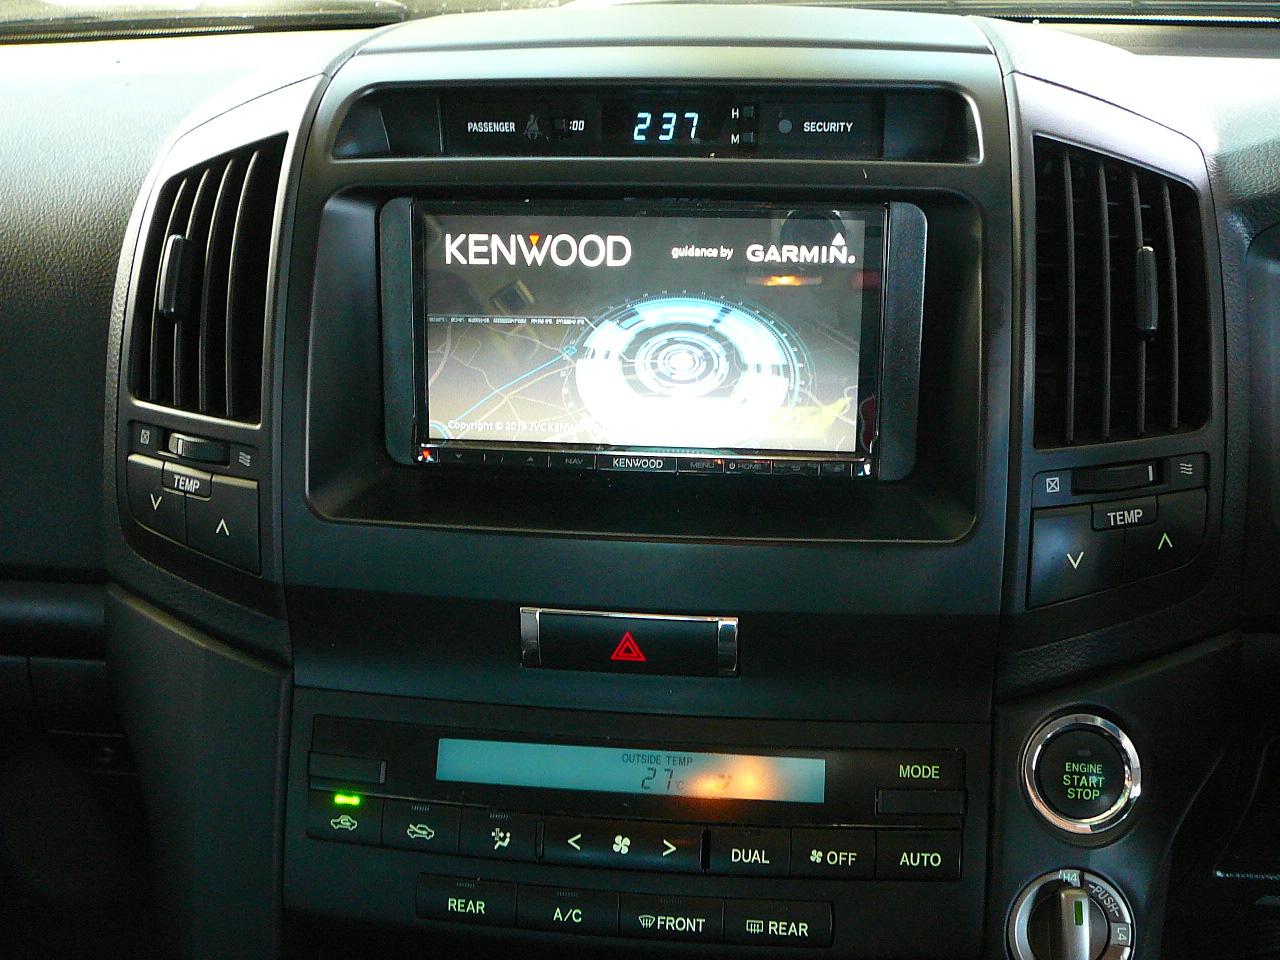 Toyota Landcruiser 200series, Kenwood GPS Navigation System